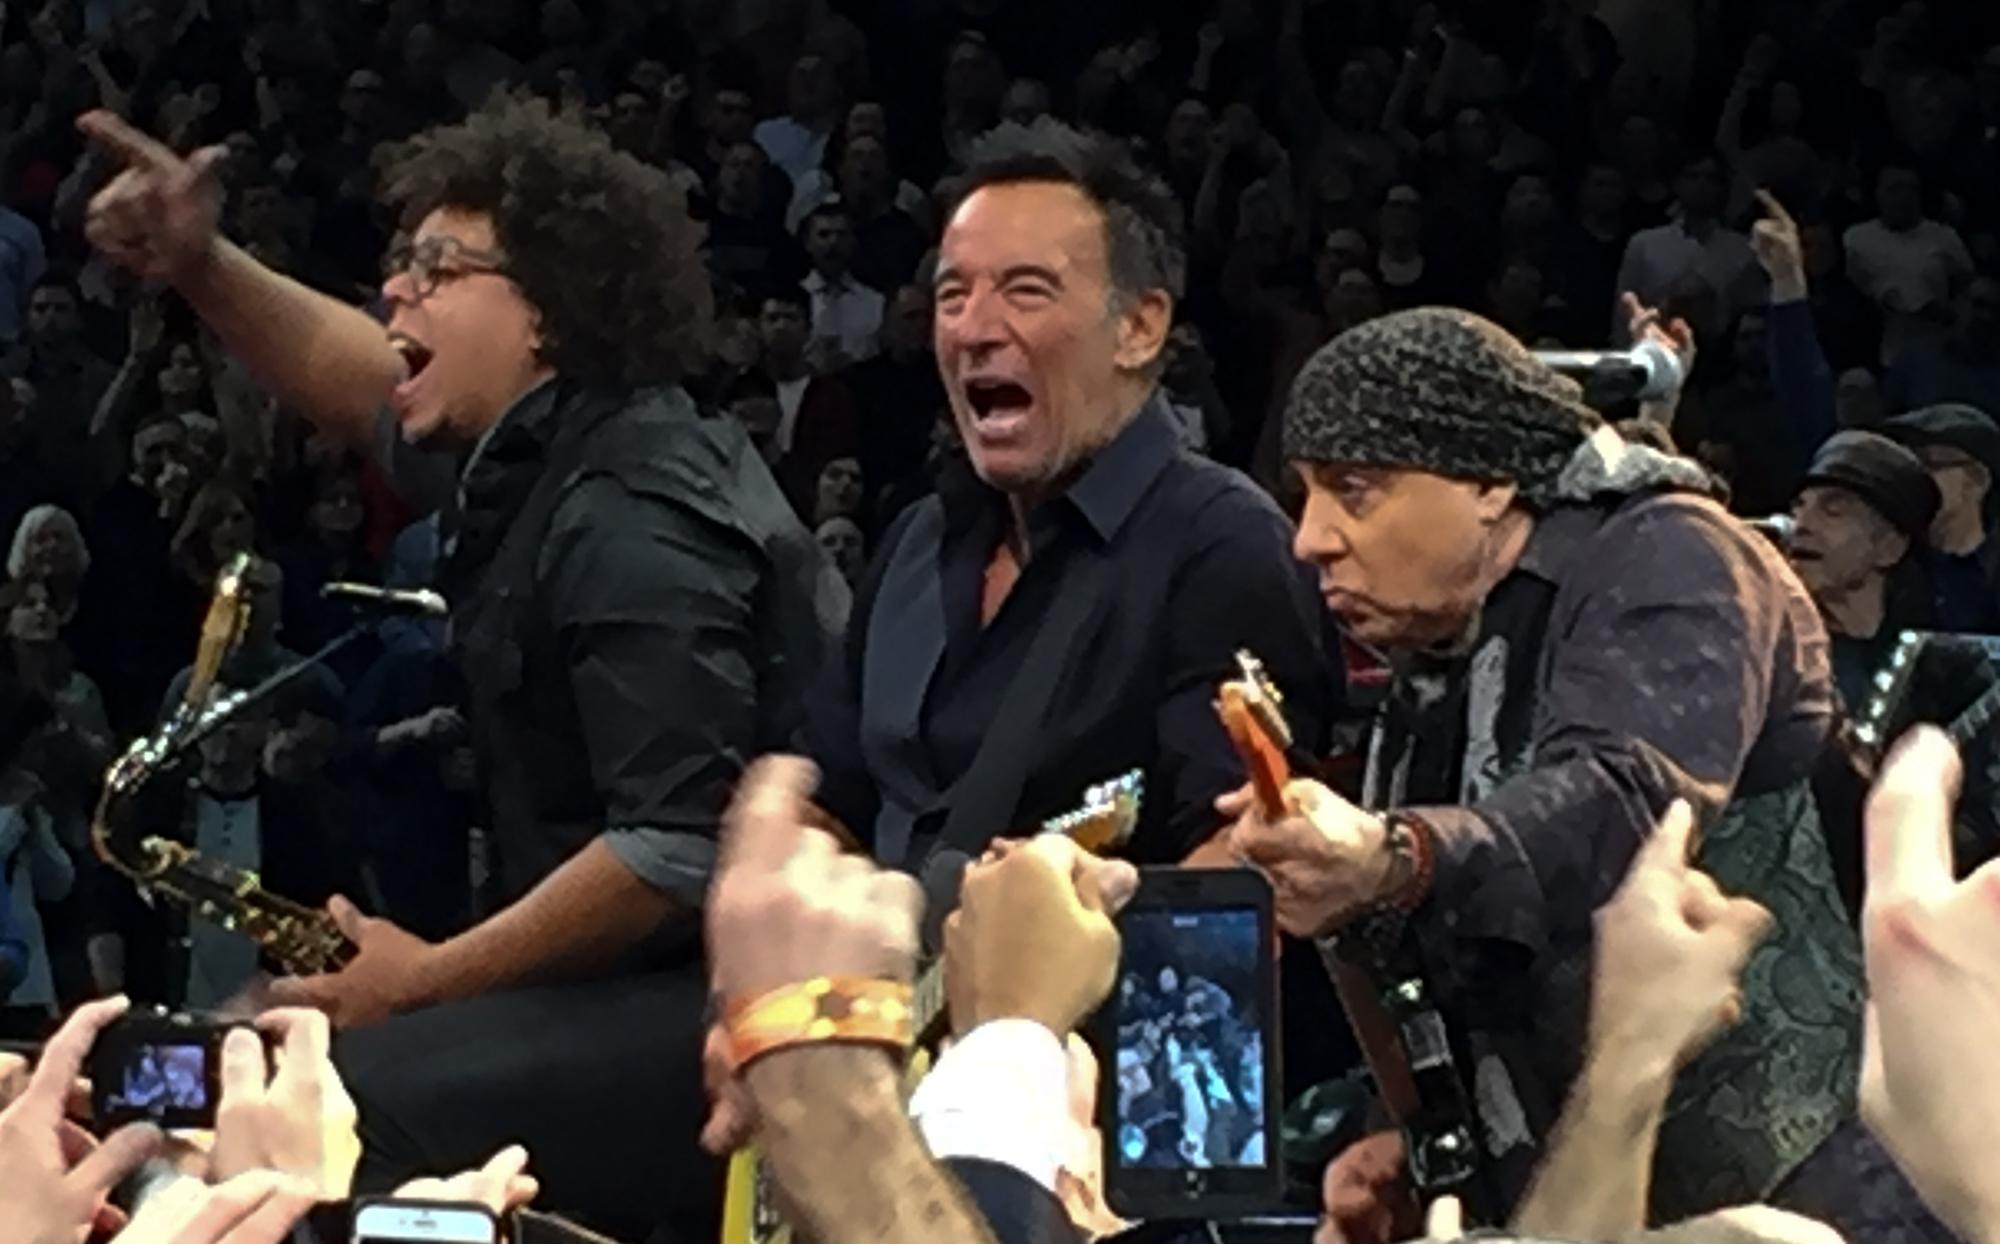 SpringsteenMSG_Jan27-0713-2.jpg